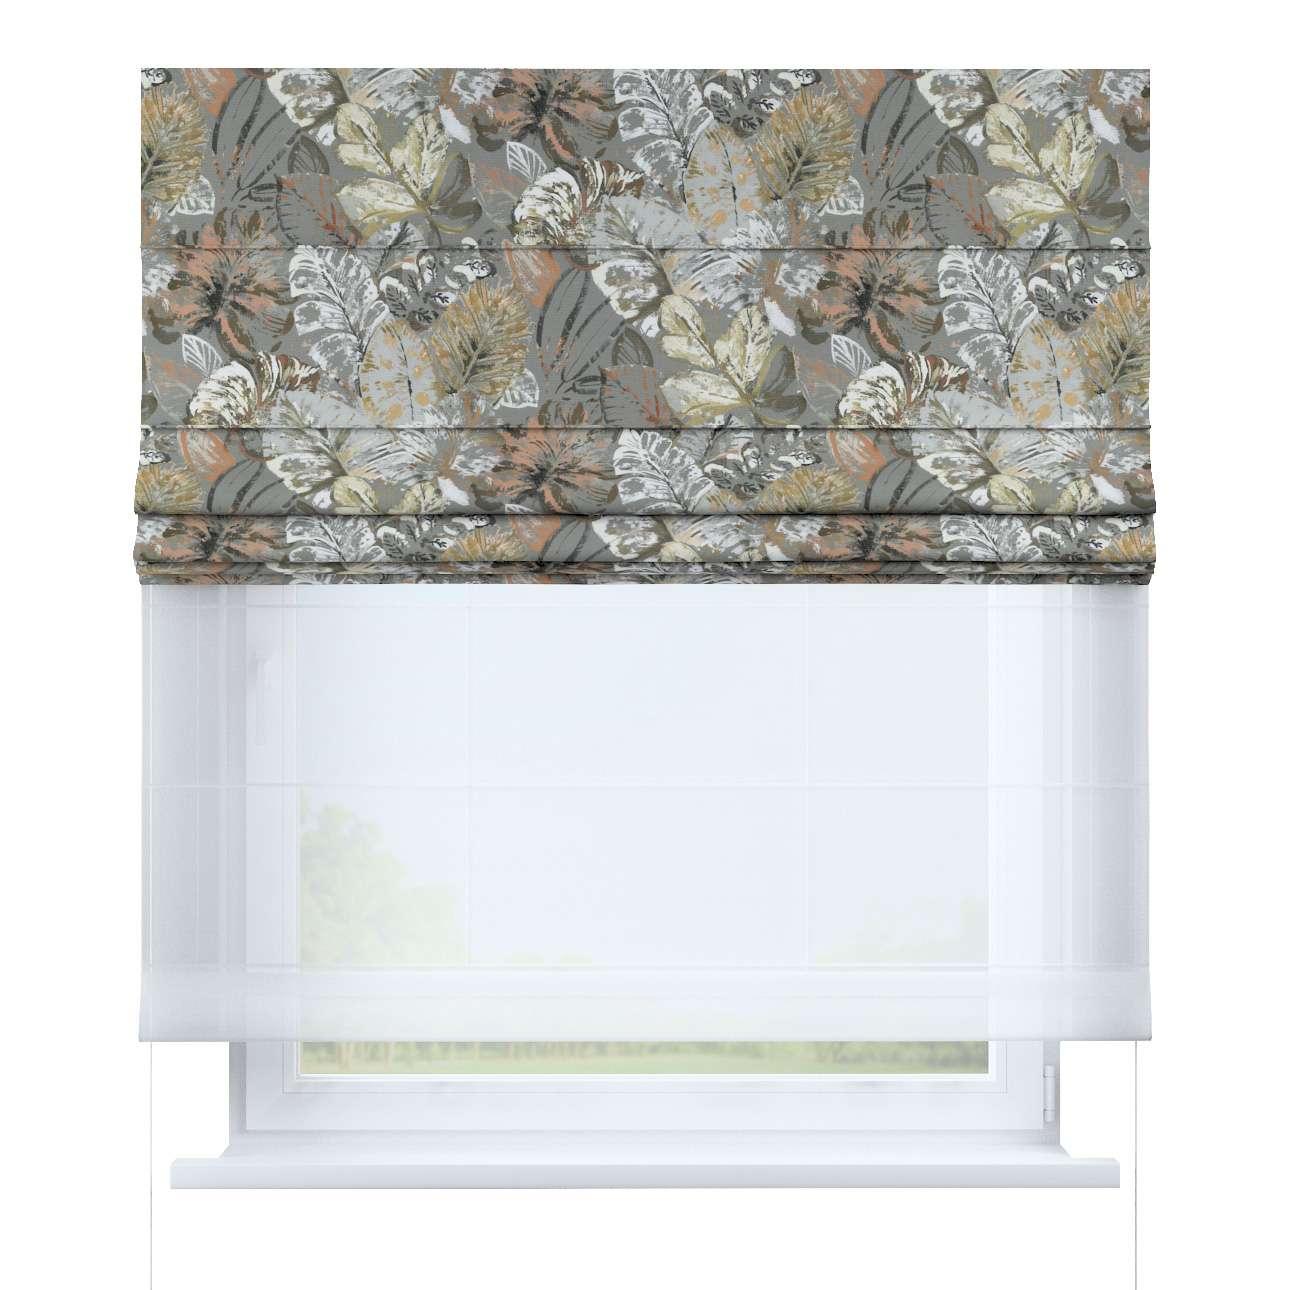 DUO Rímska roleta V kolekcii Abigail, tkanina: 143-19